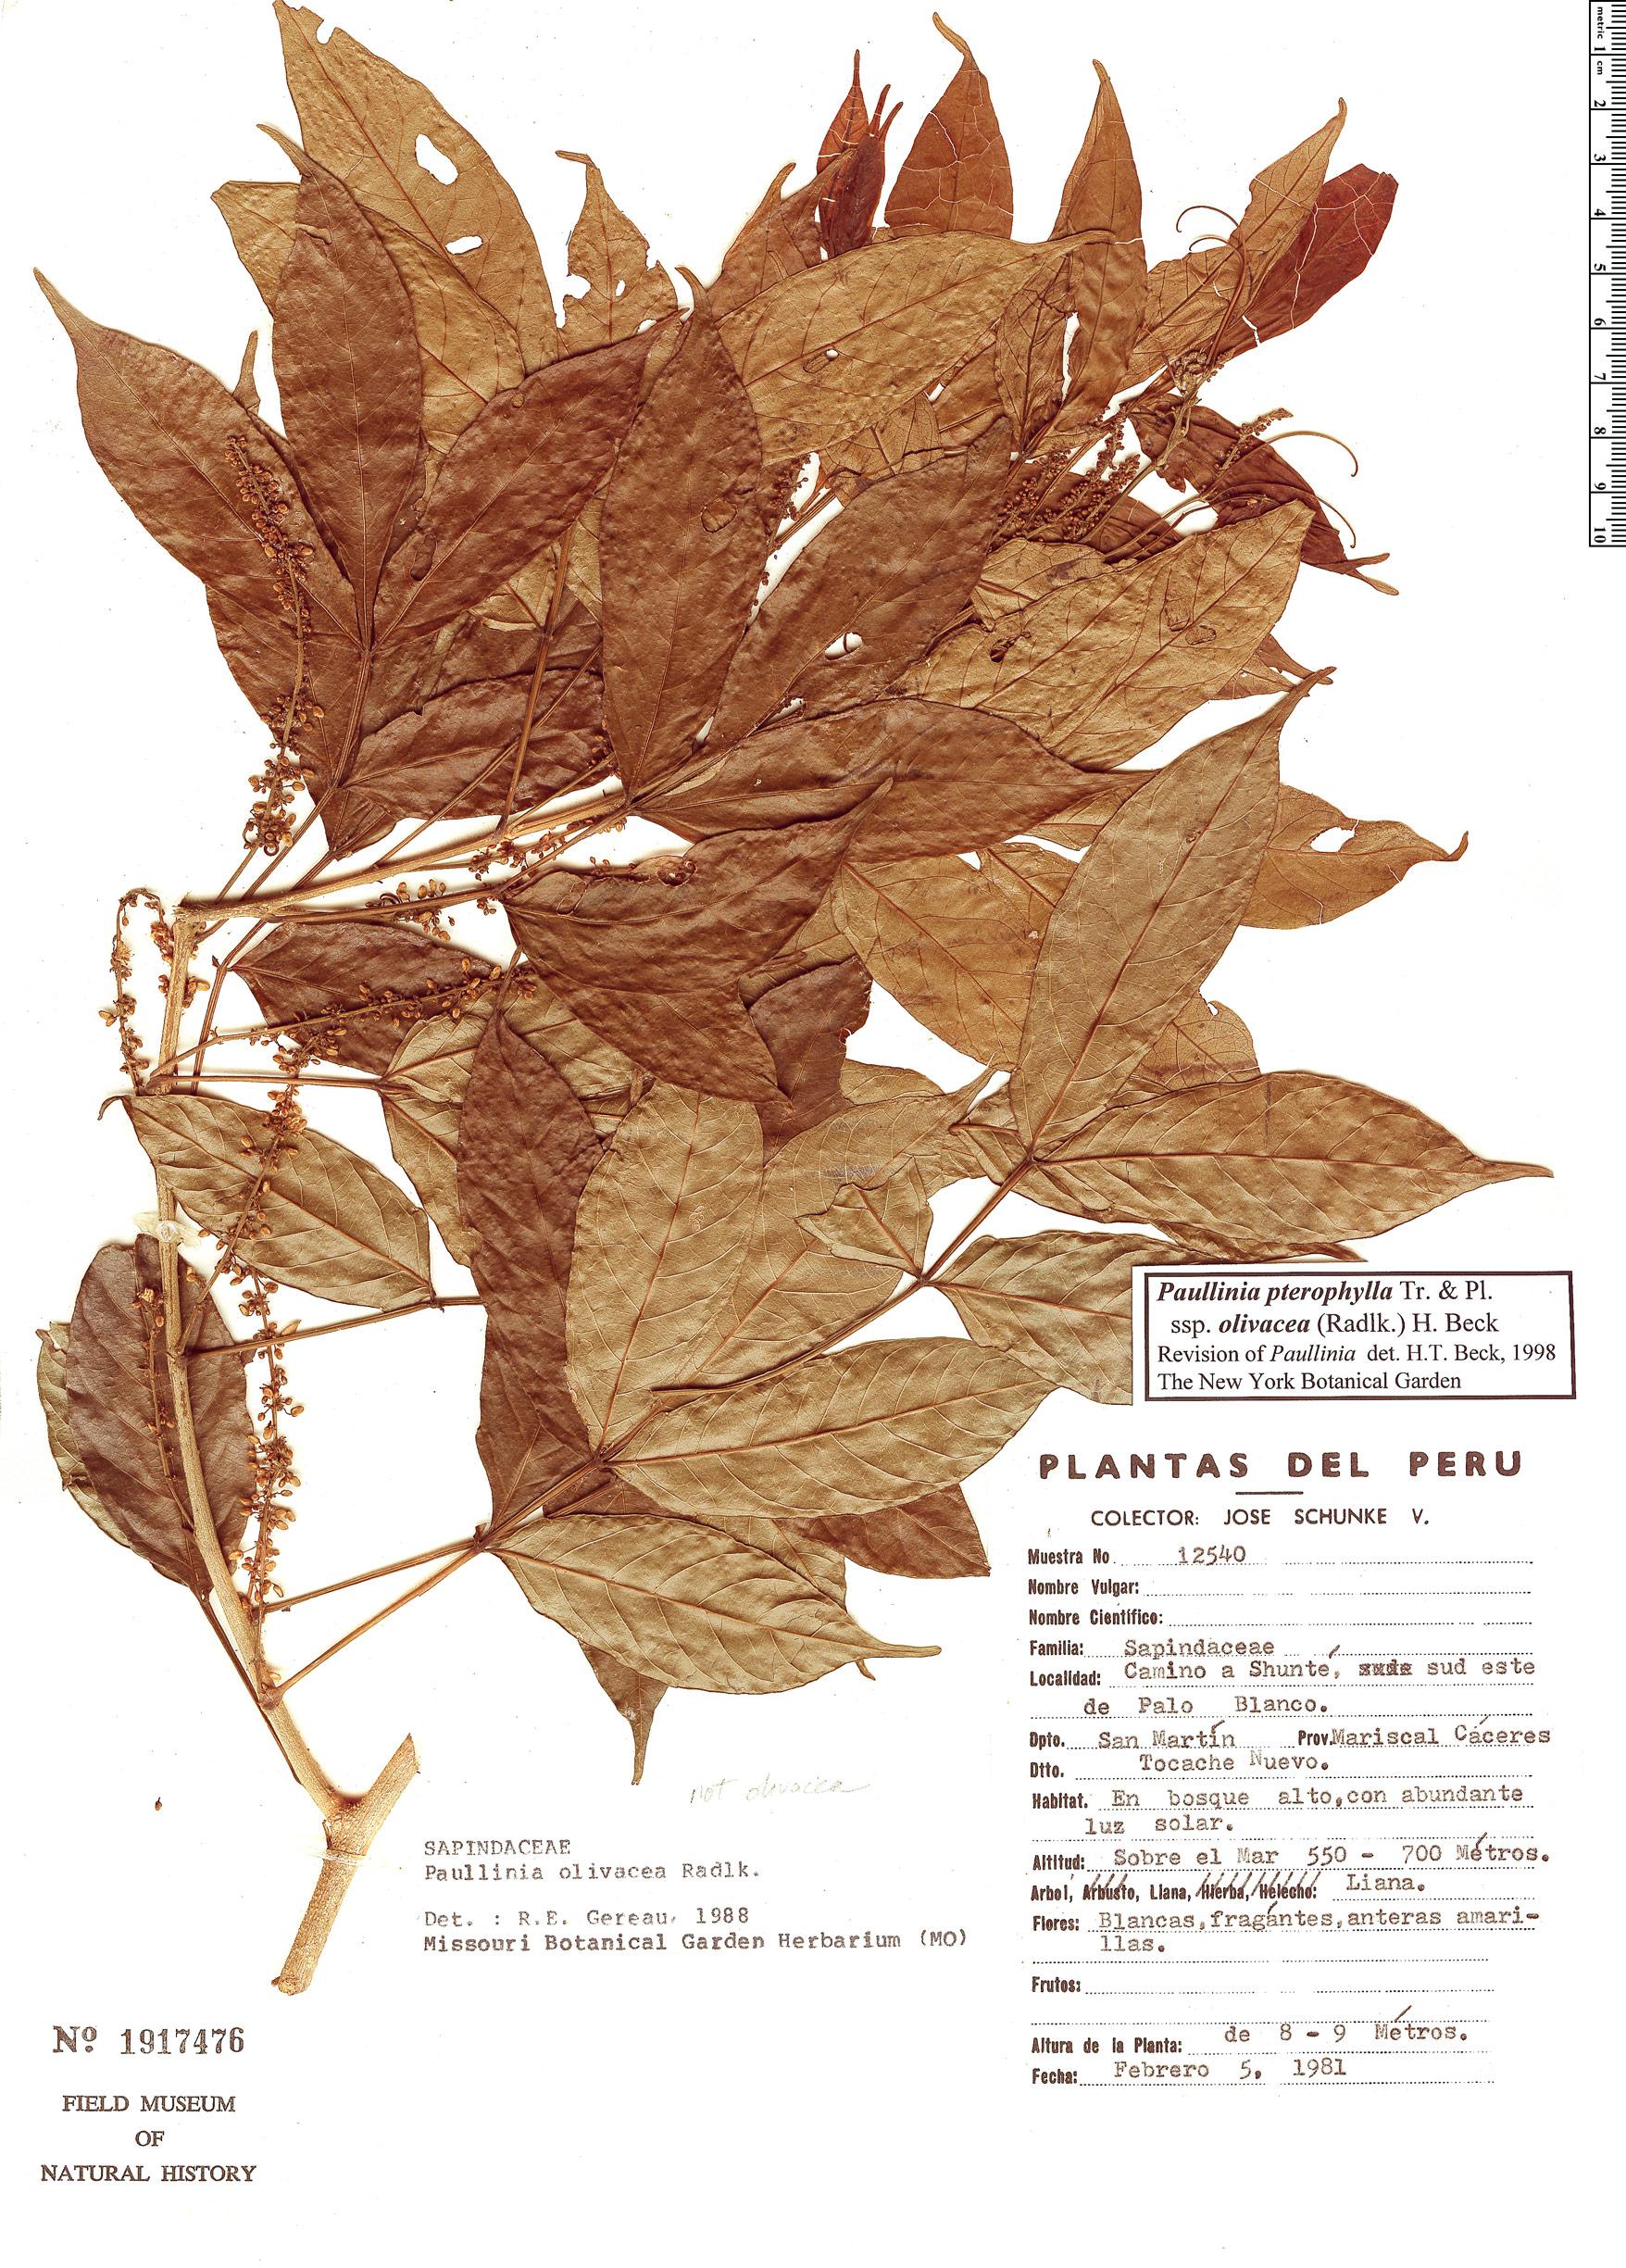 Specimen: Paullinia olivacea